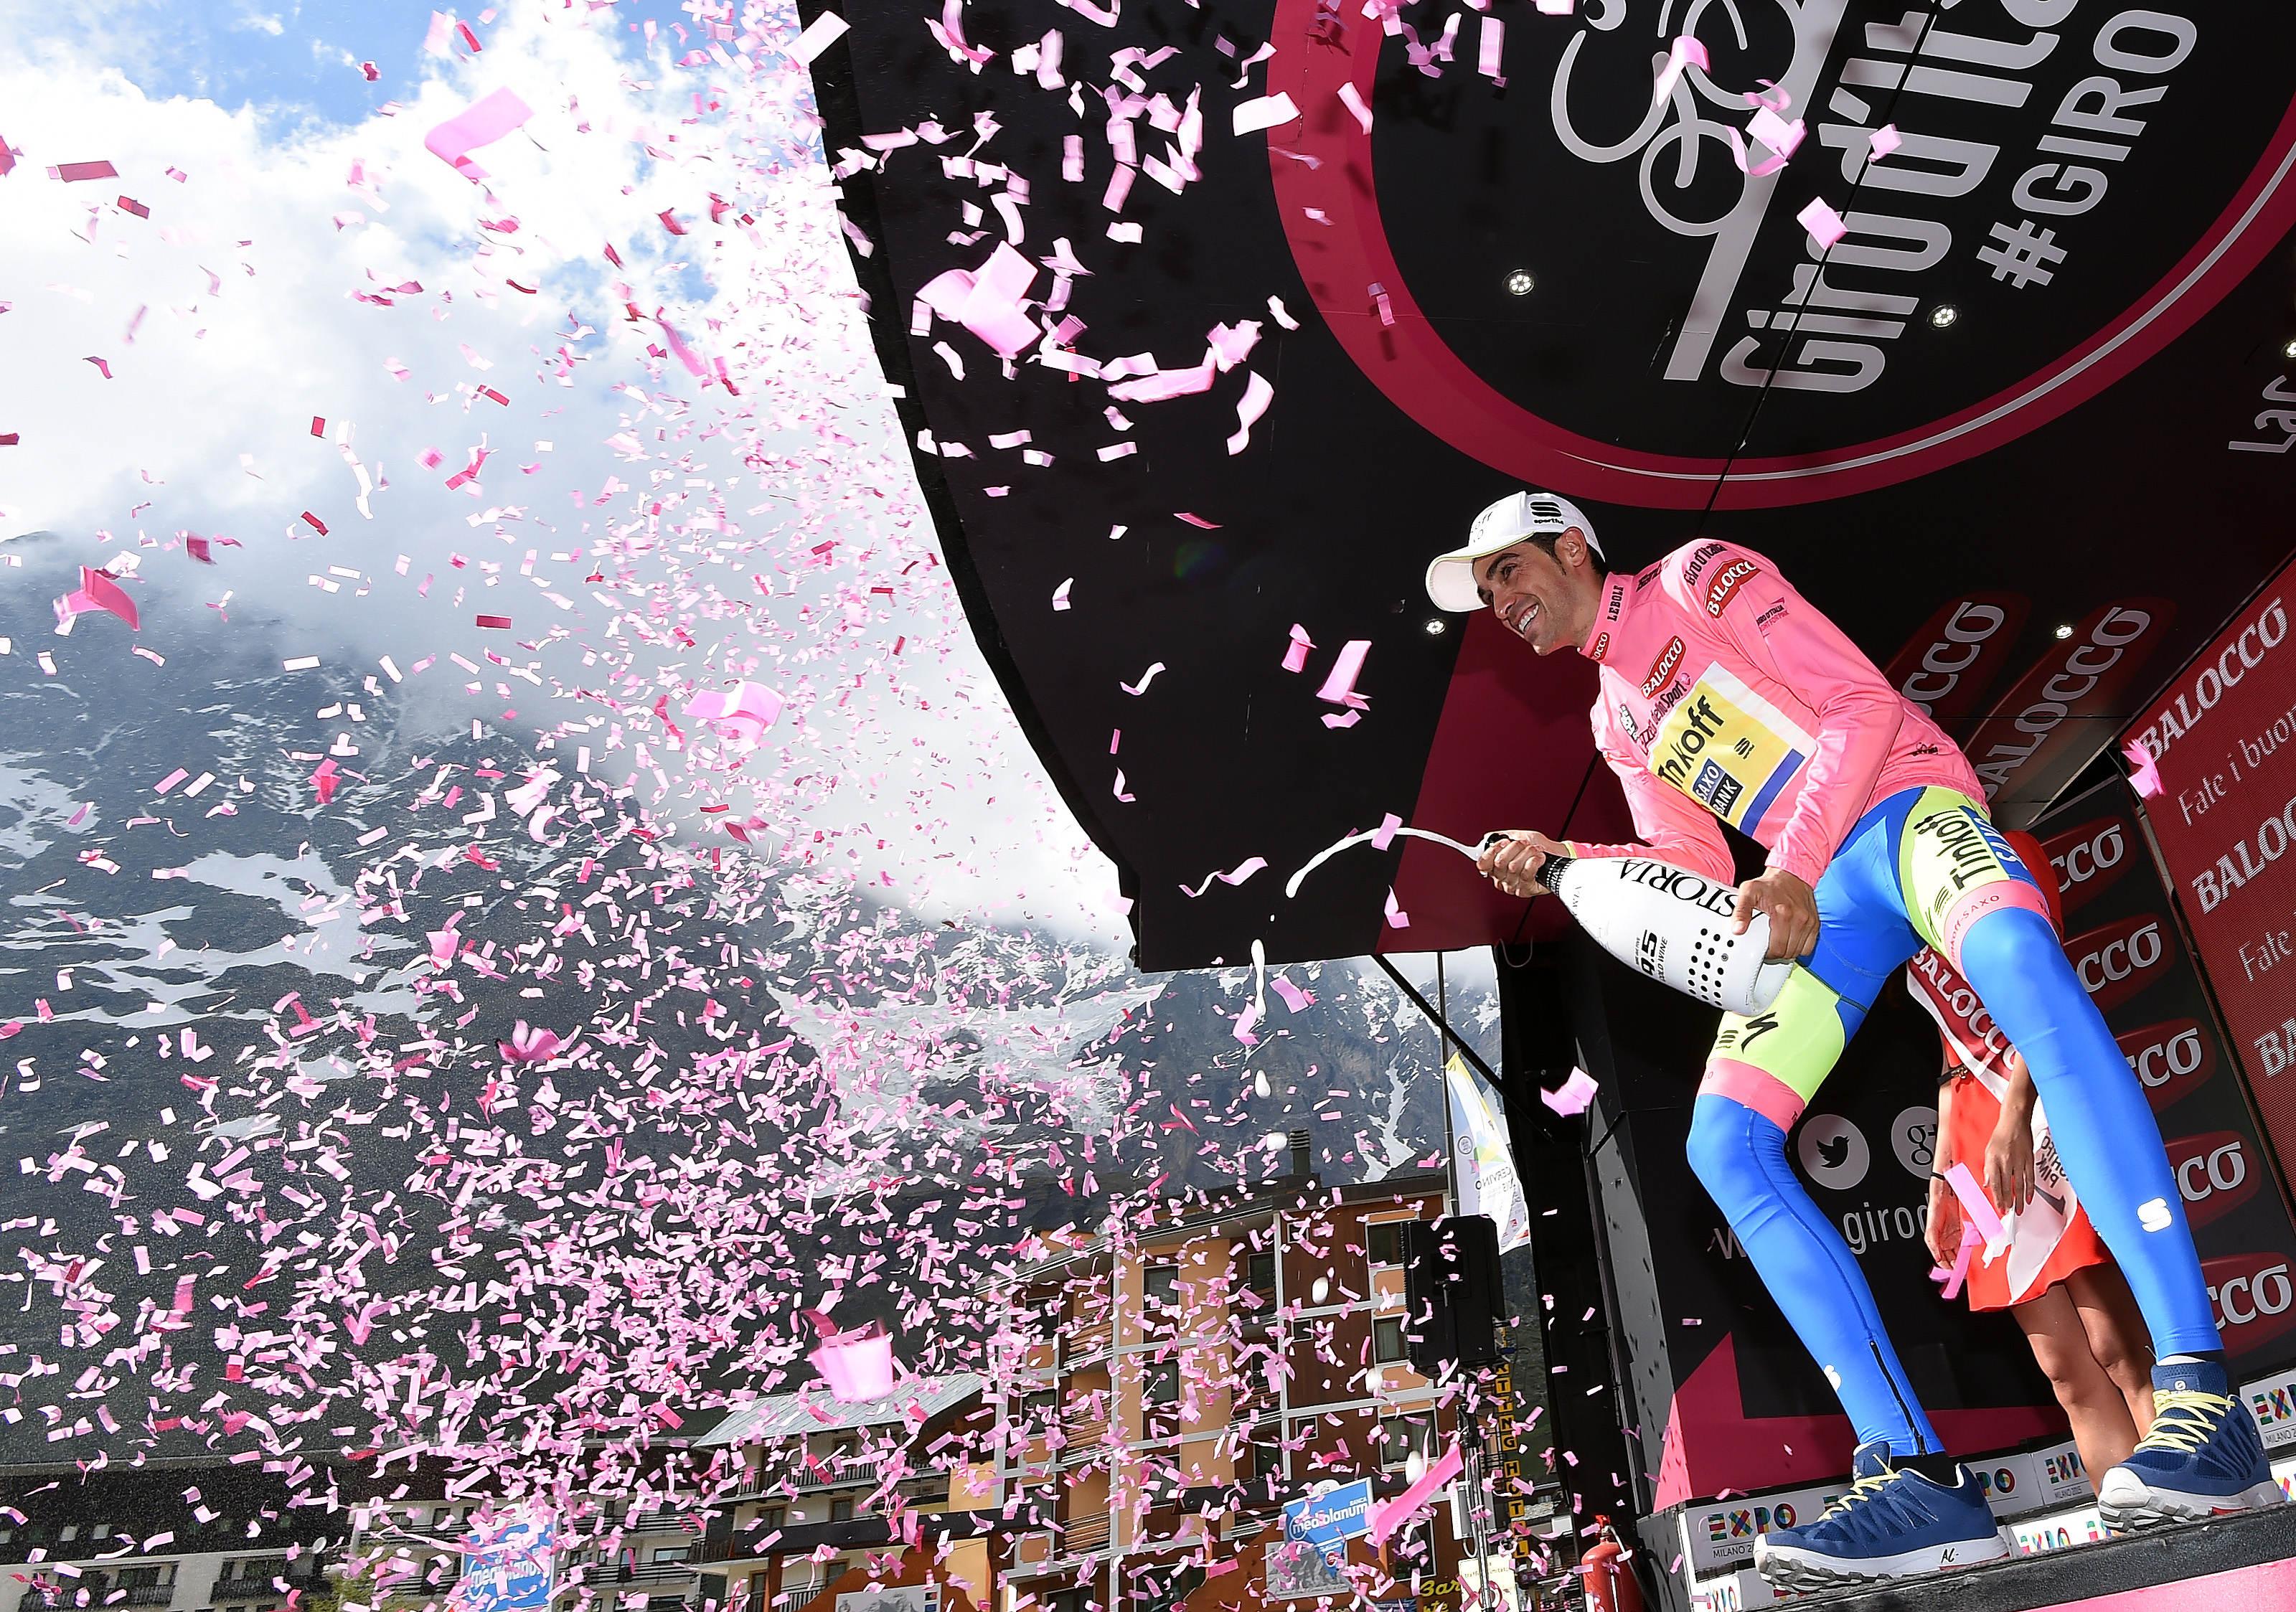 Ο Ισπανός ποδηλάτης Alberto Contador της Tinkoff-Saxo team πανηγυρίζει στο podium τη νίκη του στον 98ο Giro d' Italia, 29 Mαϊου 2015. ANSA/DANIEL DAL ZENNARO